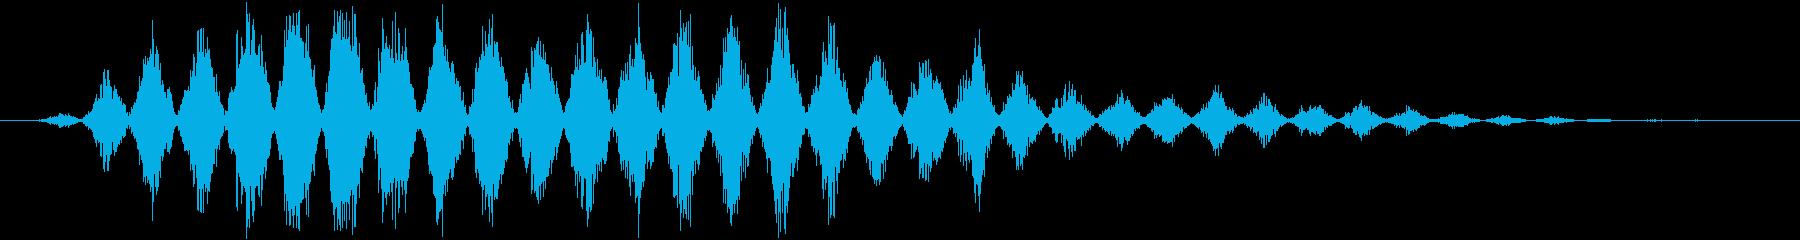 フルアァーッ(モンスター、コウモリ系)の再生済みの波形